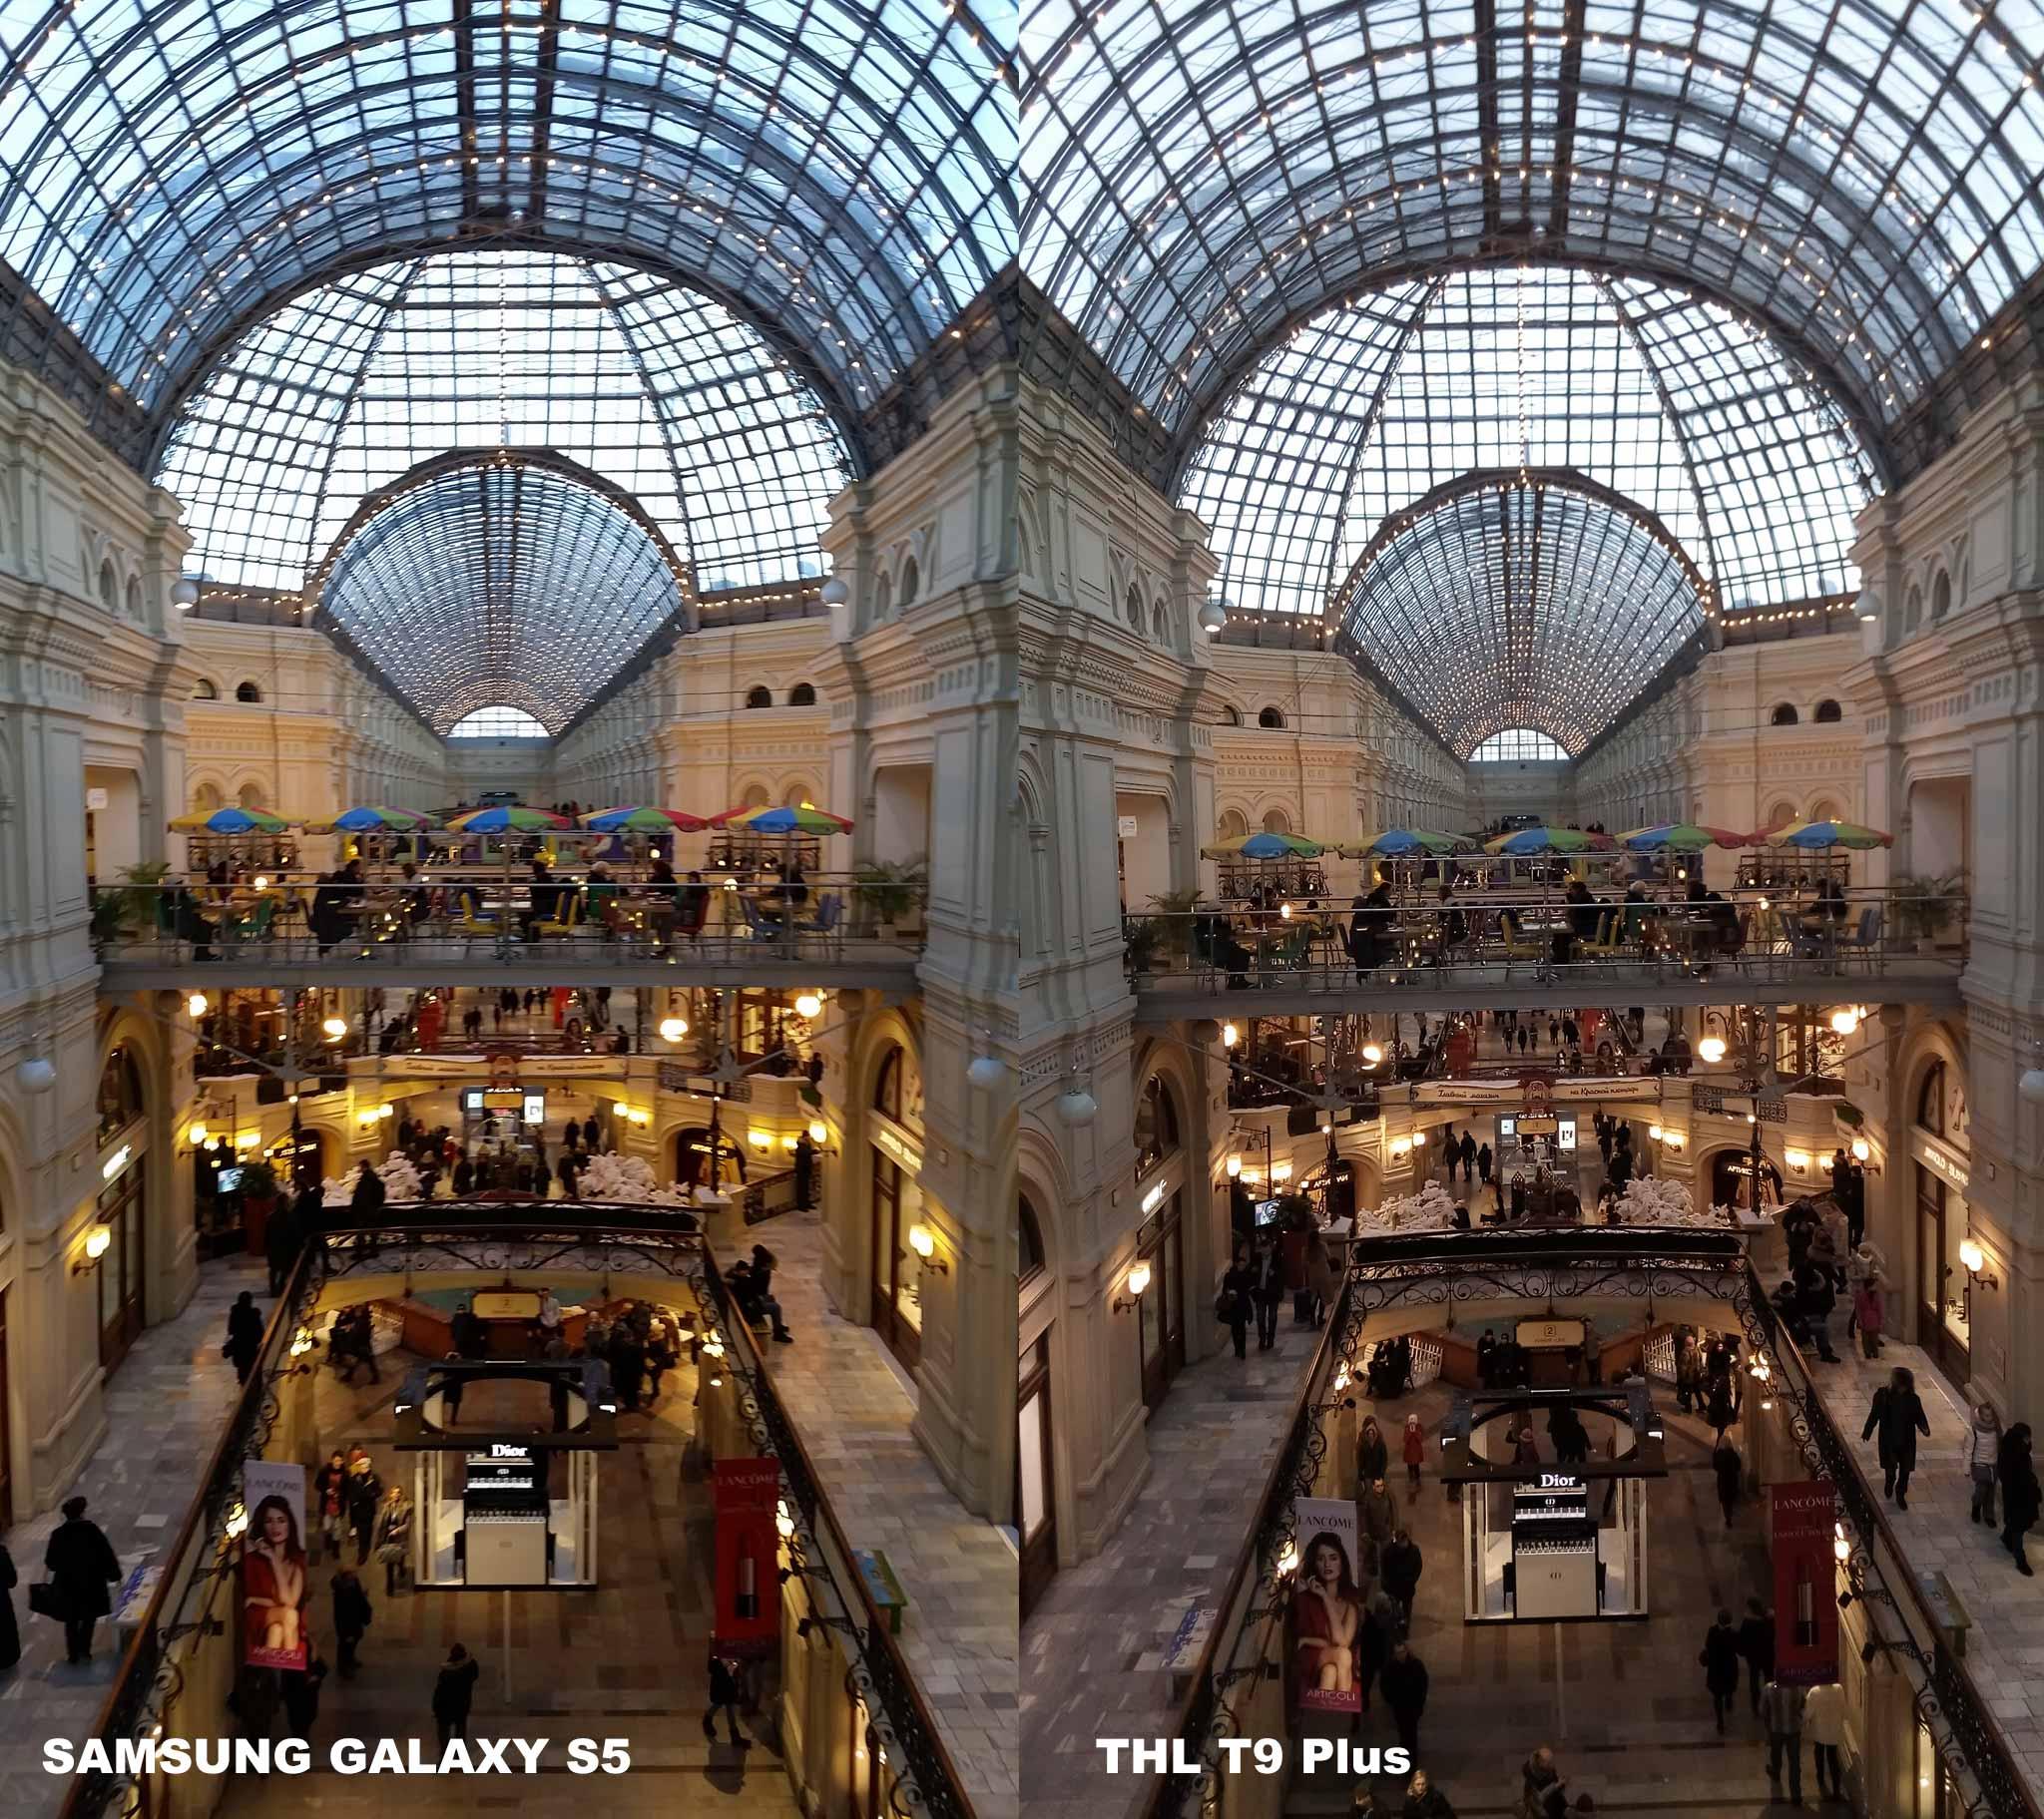 Нажмите на изображение для увеличения.  Название:13 Compare 2.jpg Просмотров:36 Размер:472.0 Кб ID:181231